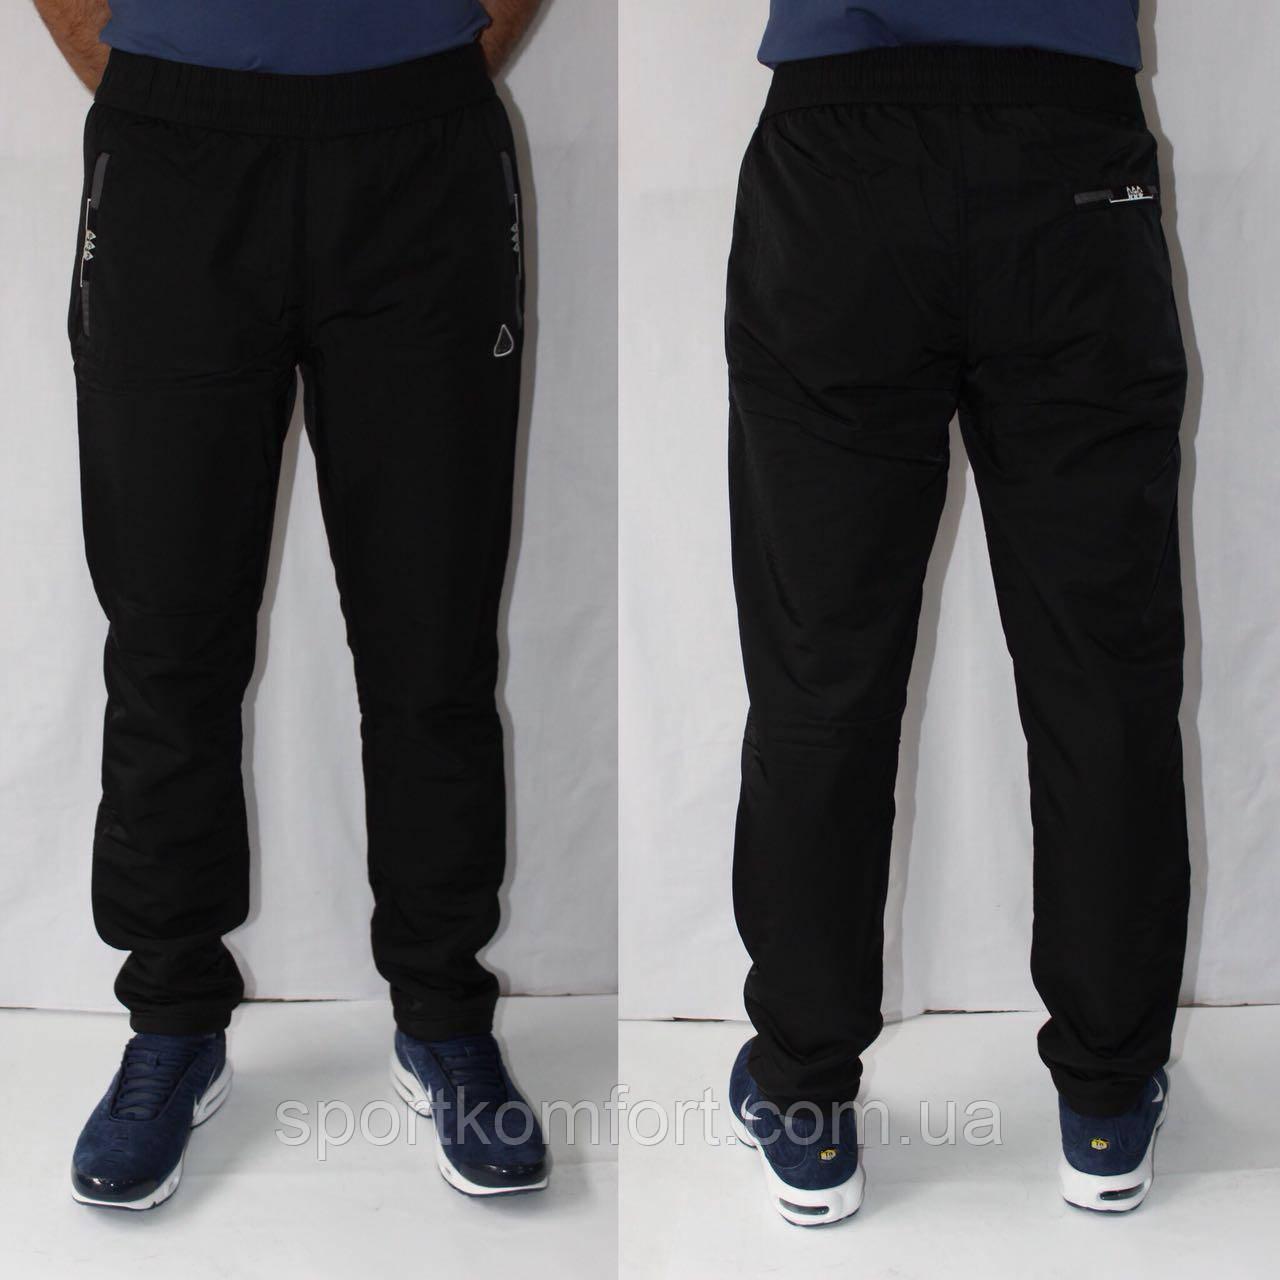 Мужские спортивные брюки трикотажные прямые SOCCER 70 хлопок три кармана на молнии